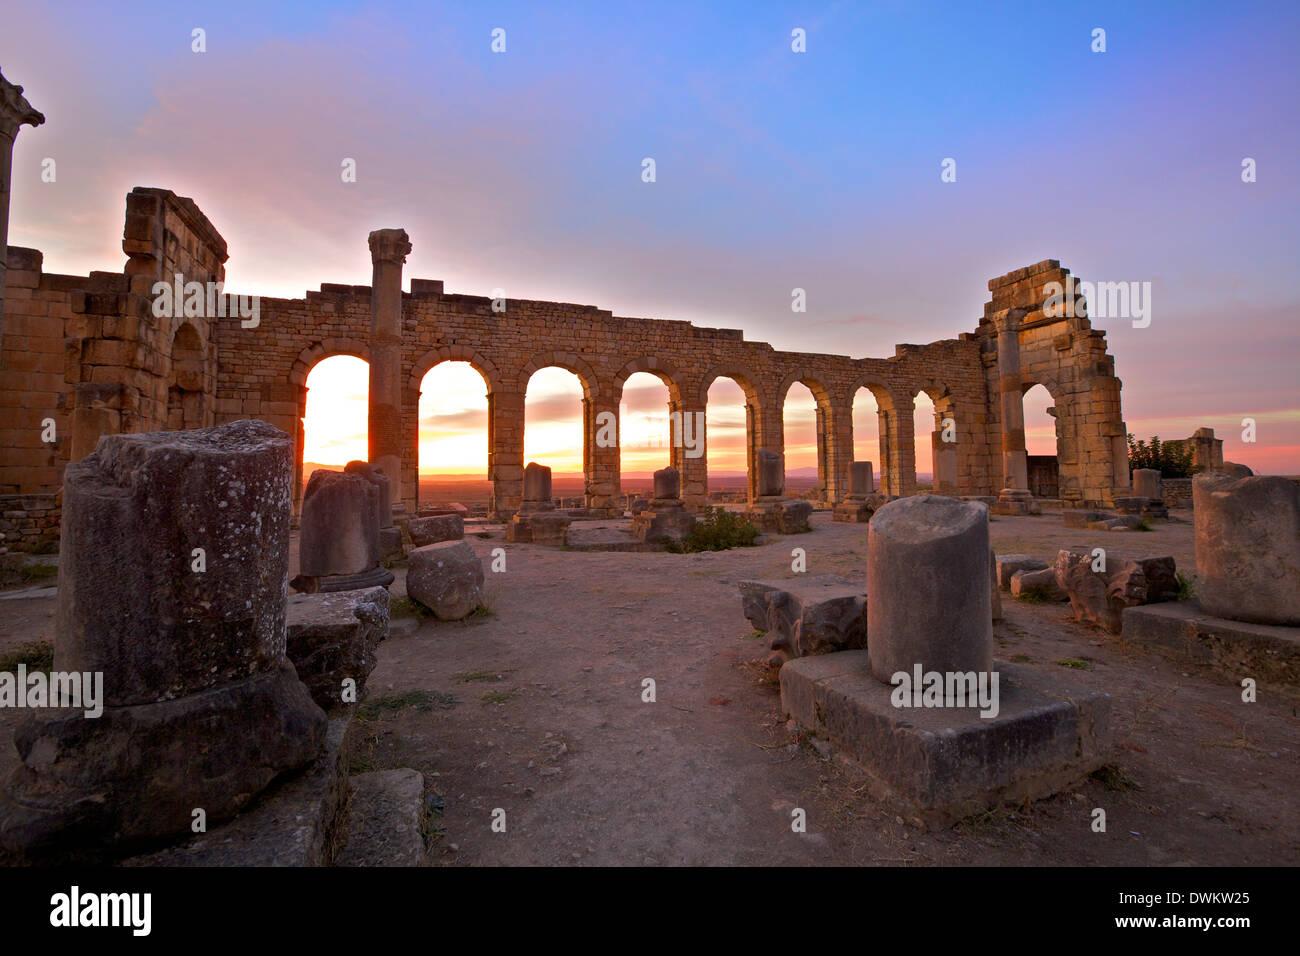 Ville romaine d'excavation, Volubilis, UNESCO World Heritage Site, Maroc, Afrique du Nord, Afrique Photo Stock